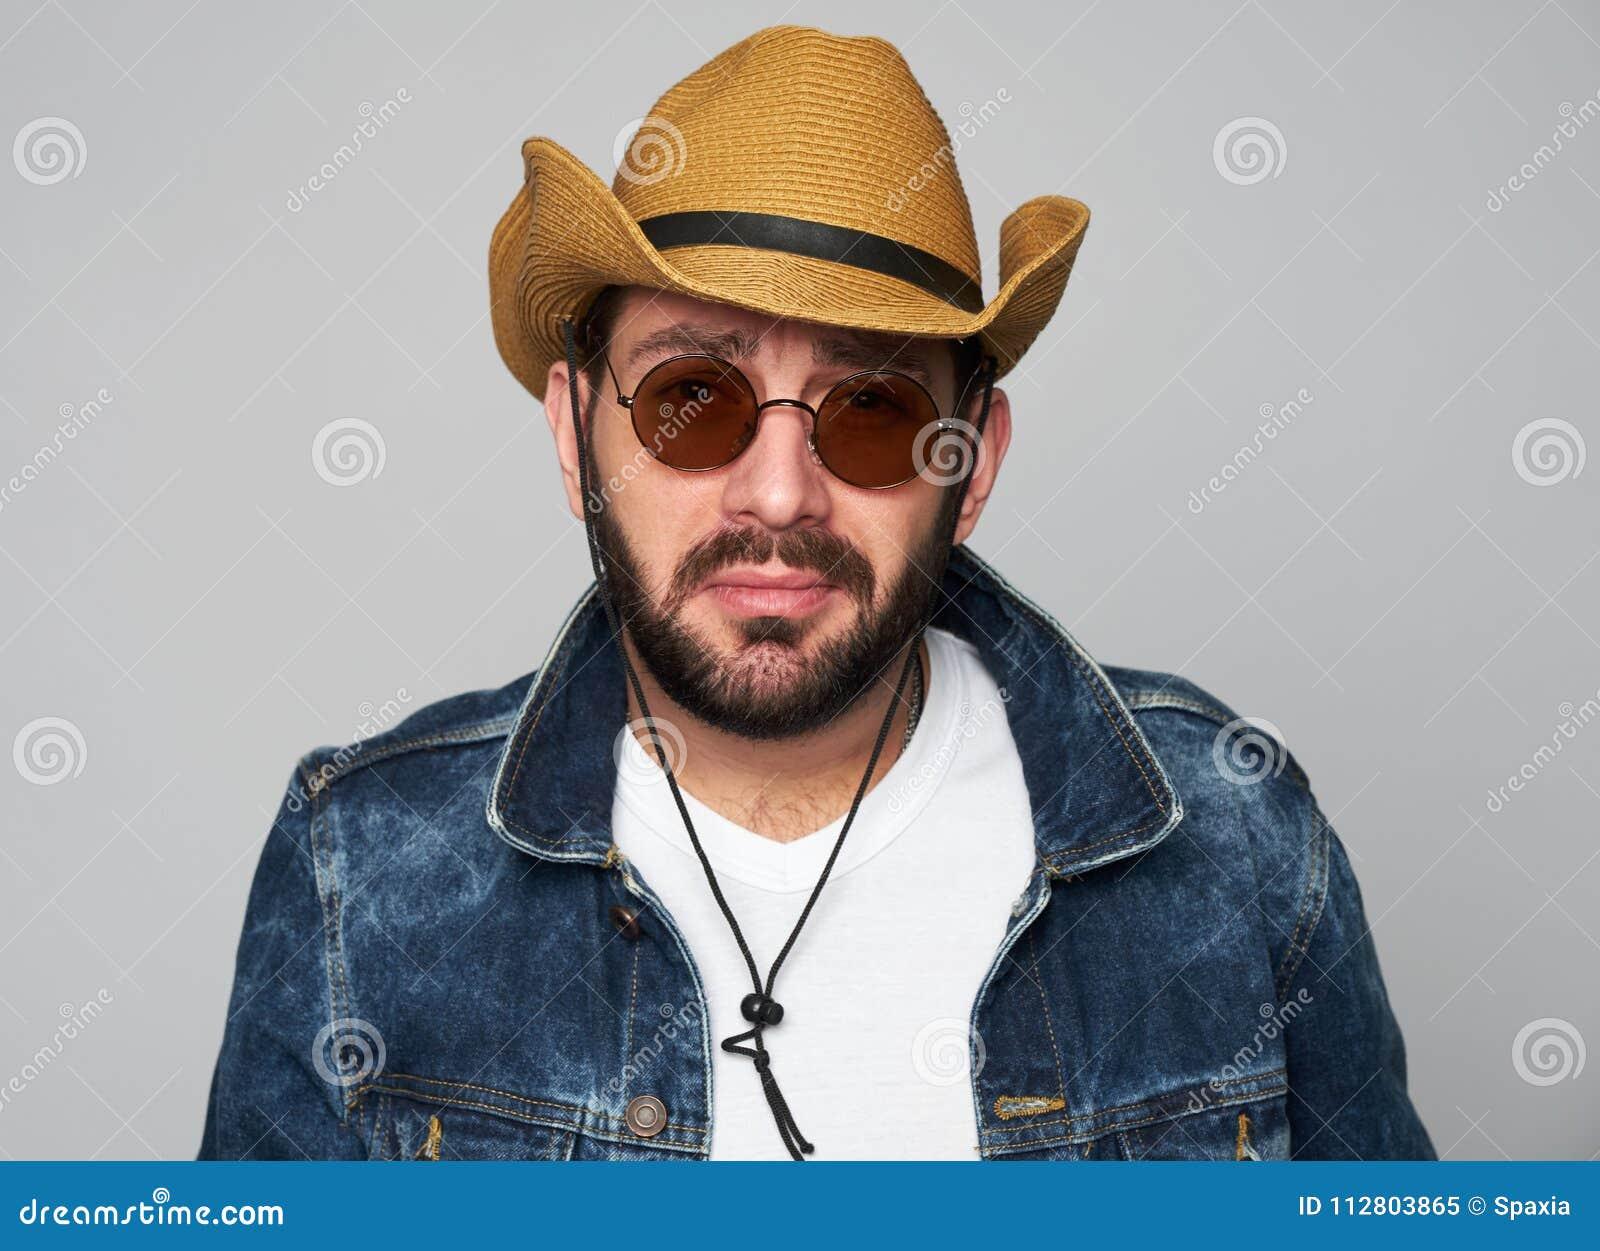 Chapeau De Cowboy D homme Bel Et Lunettes De Soleil De Port Image ... 870dbd500d4a